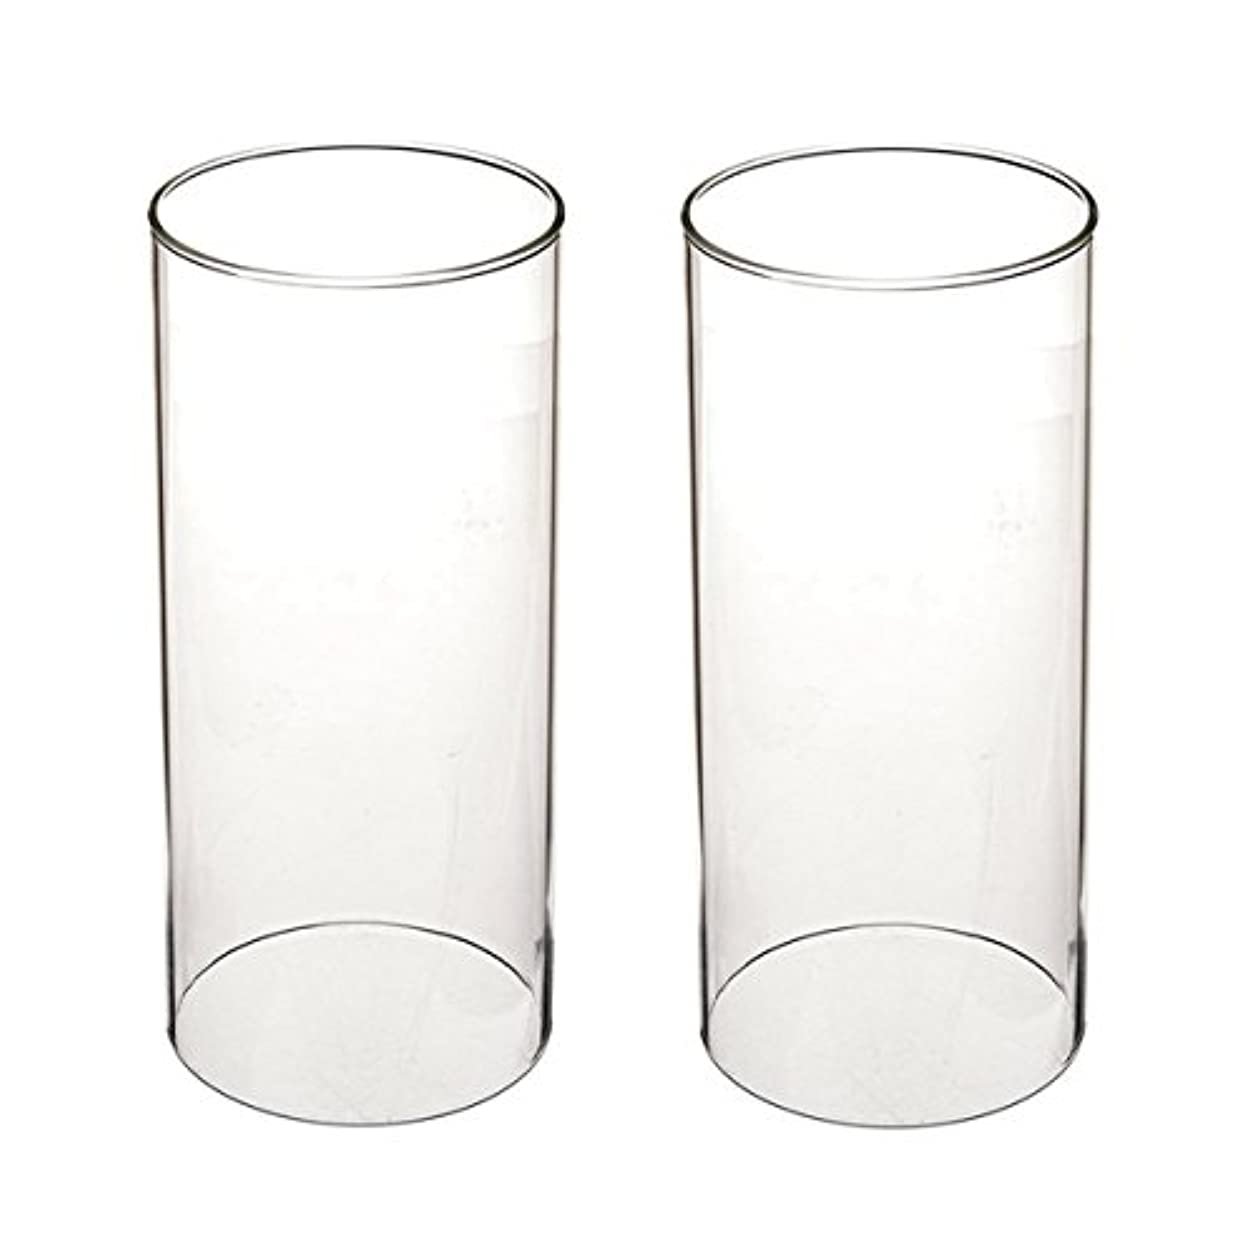 万一に備えて新年裁量ガラス煙突for Candleオープンエンド、ホウケイ酸ガラス( d3 h8